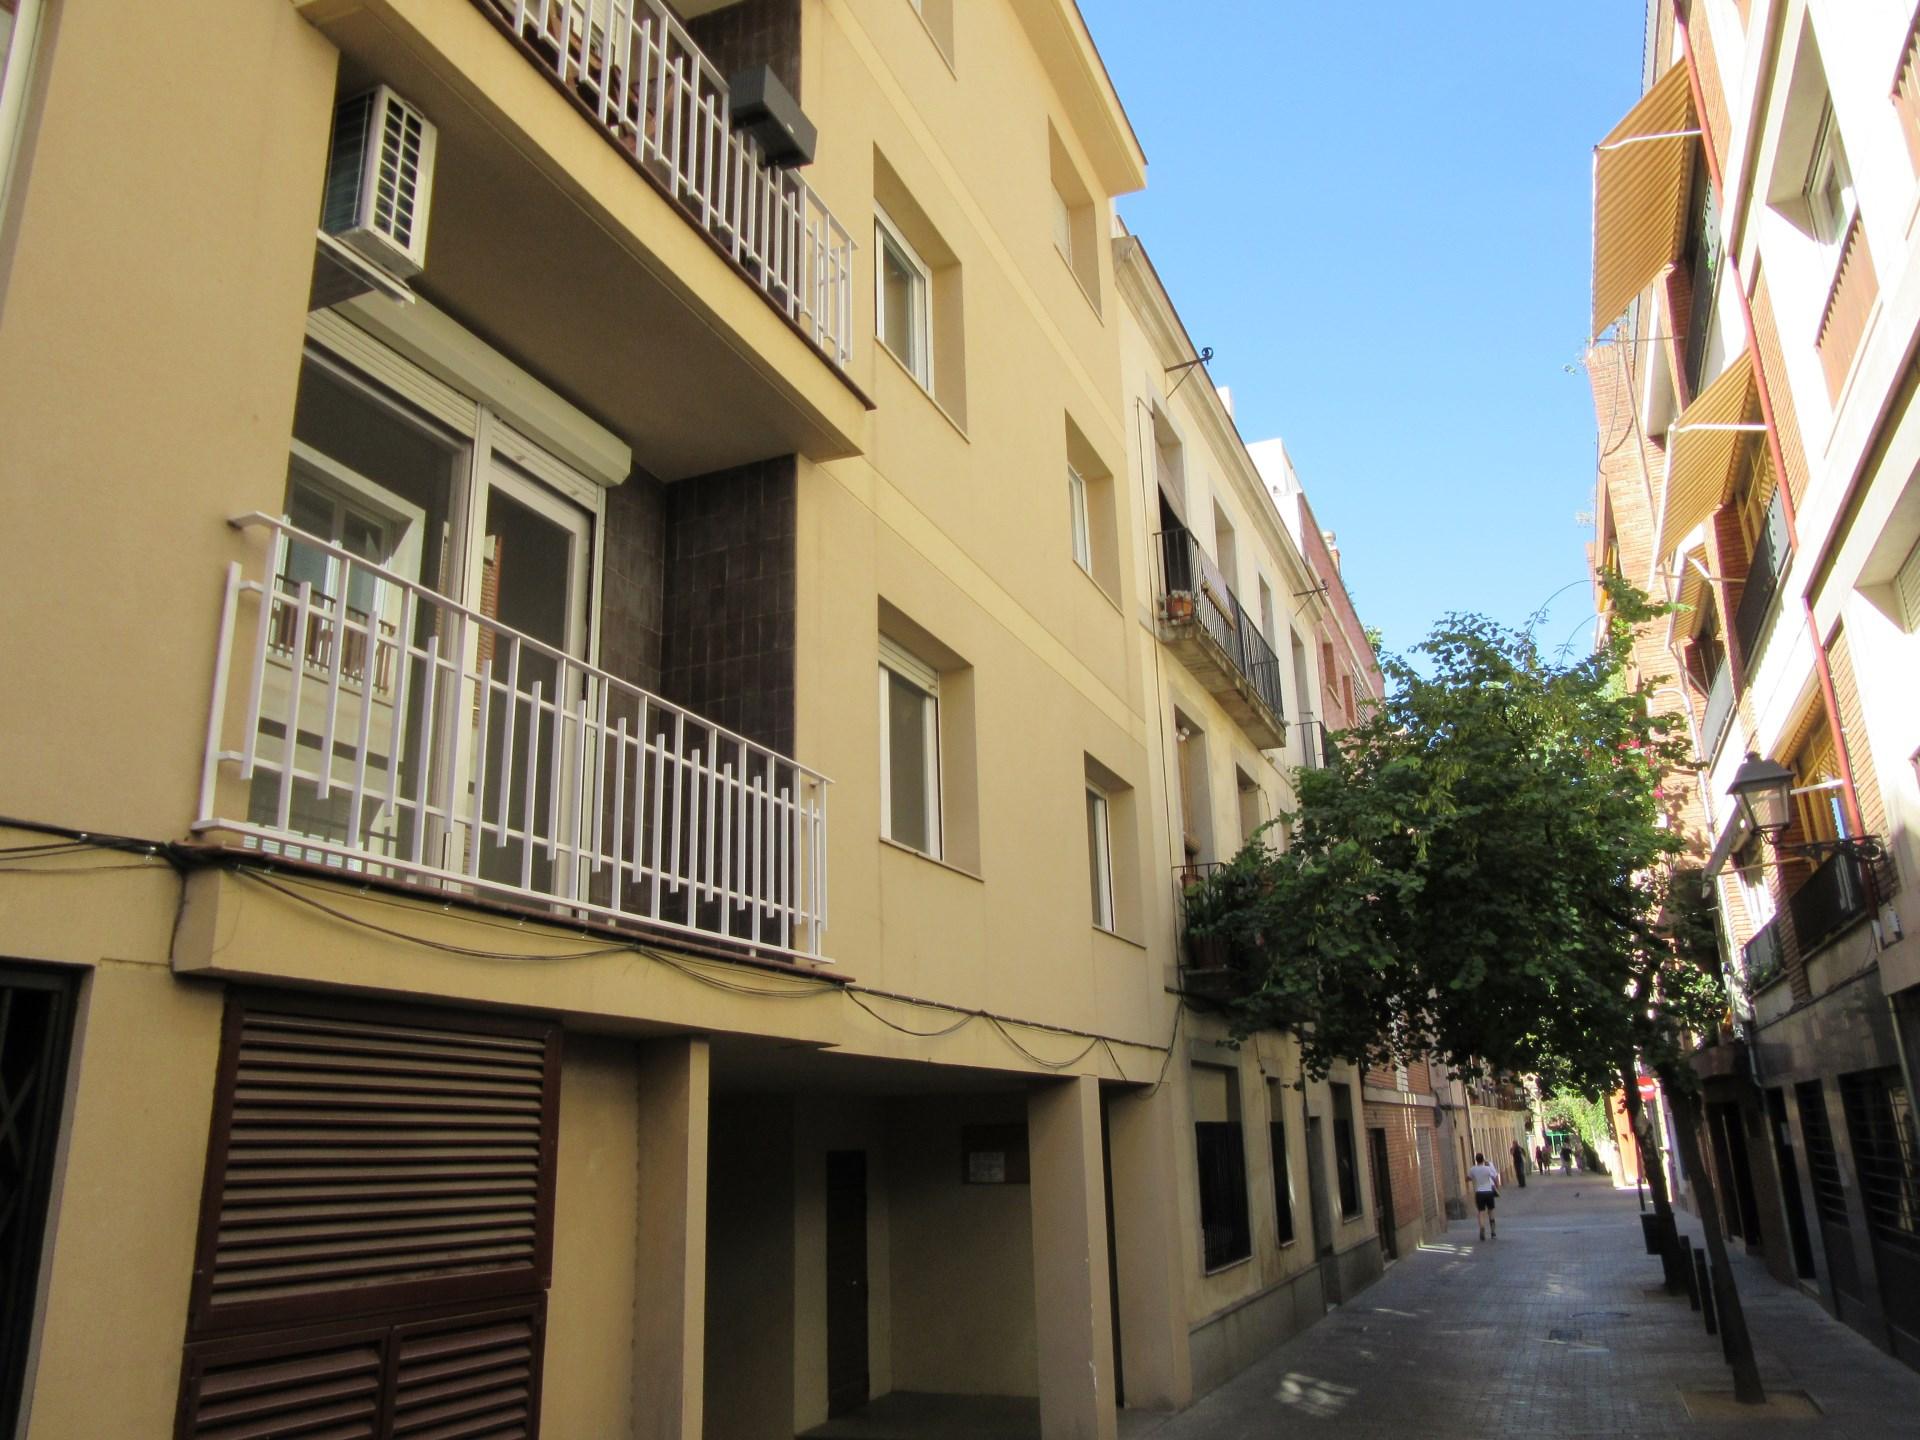 Pis de lloguer de dos dormitoris i pla a d 39 aparcament en el barri de sarri de barcelona - Lloguer pis barcelona particular ...